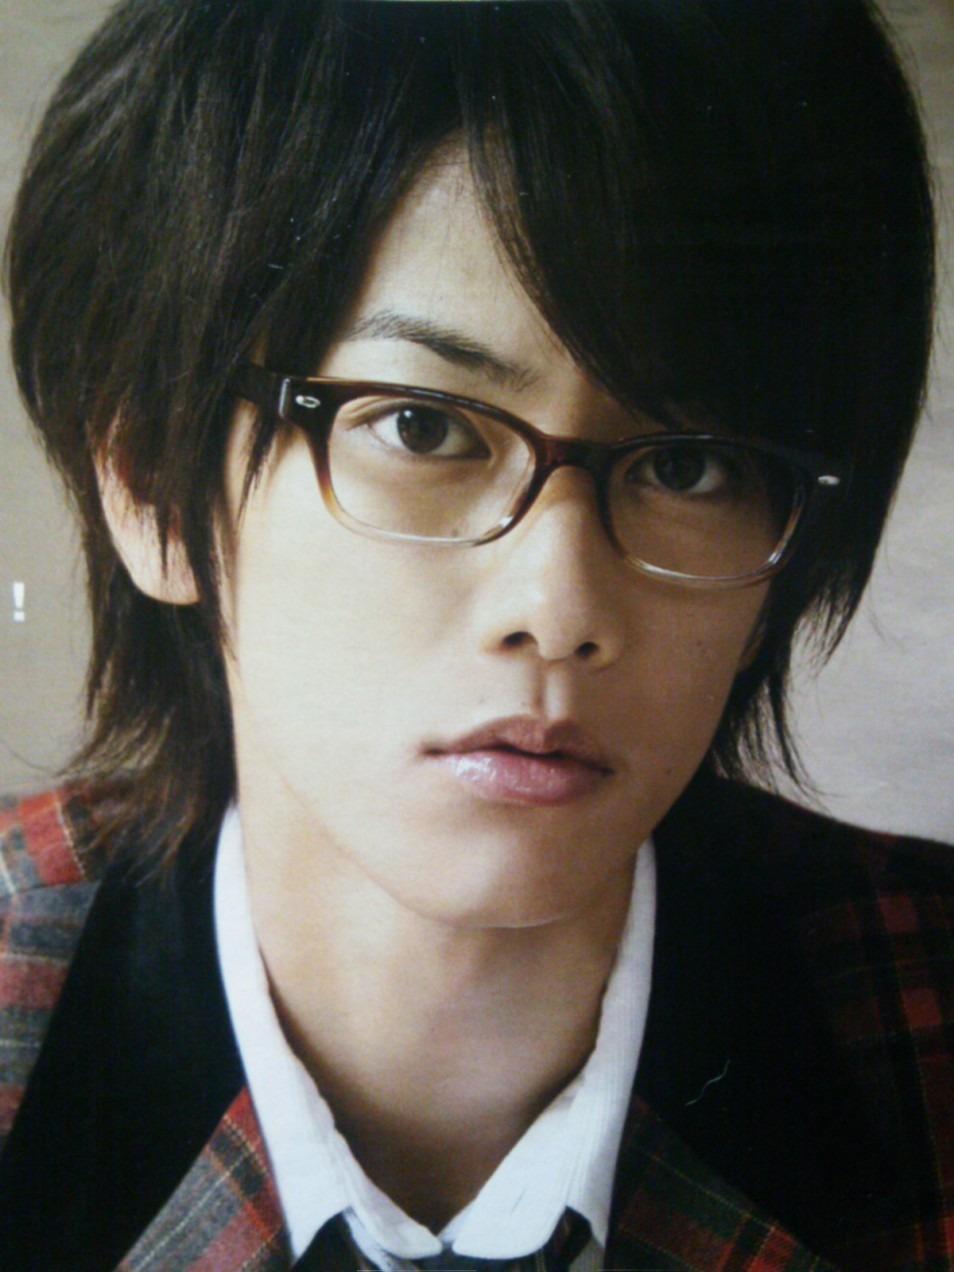 佐藤健 (俳優)の画像 p1_39